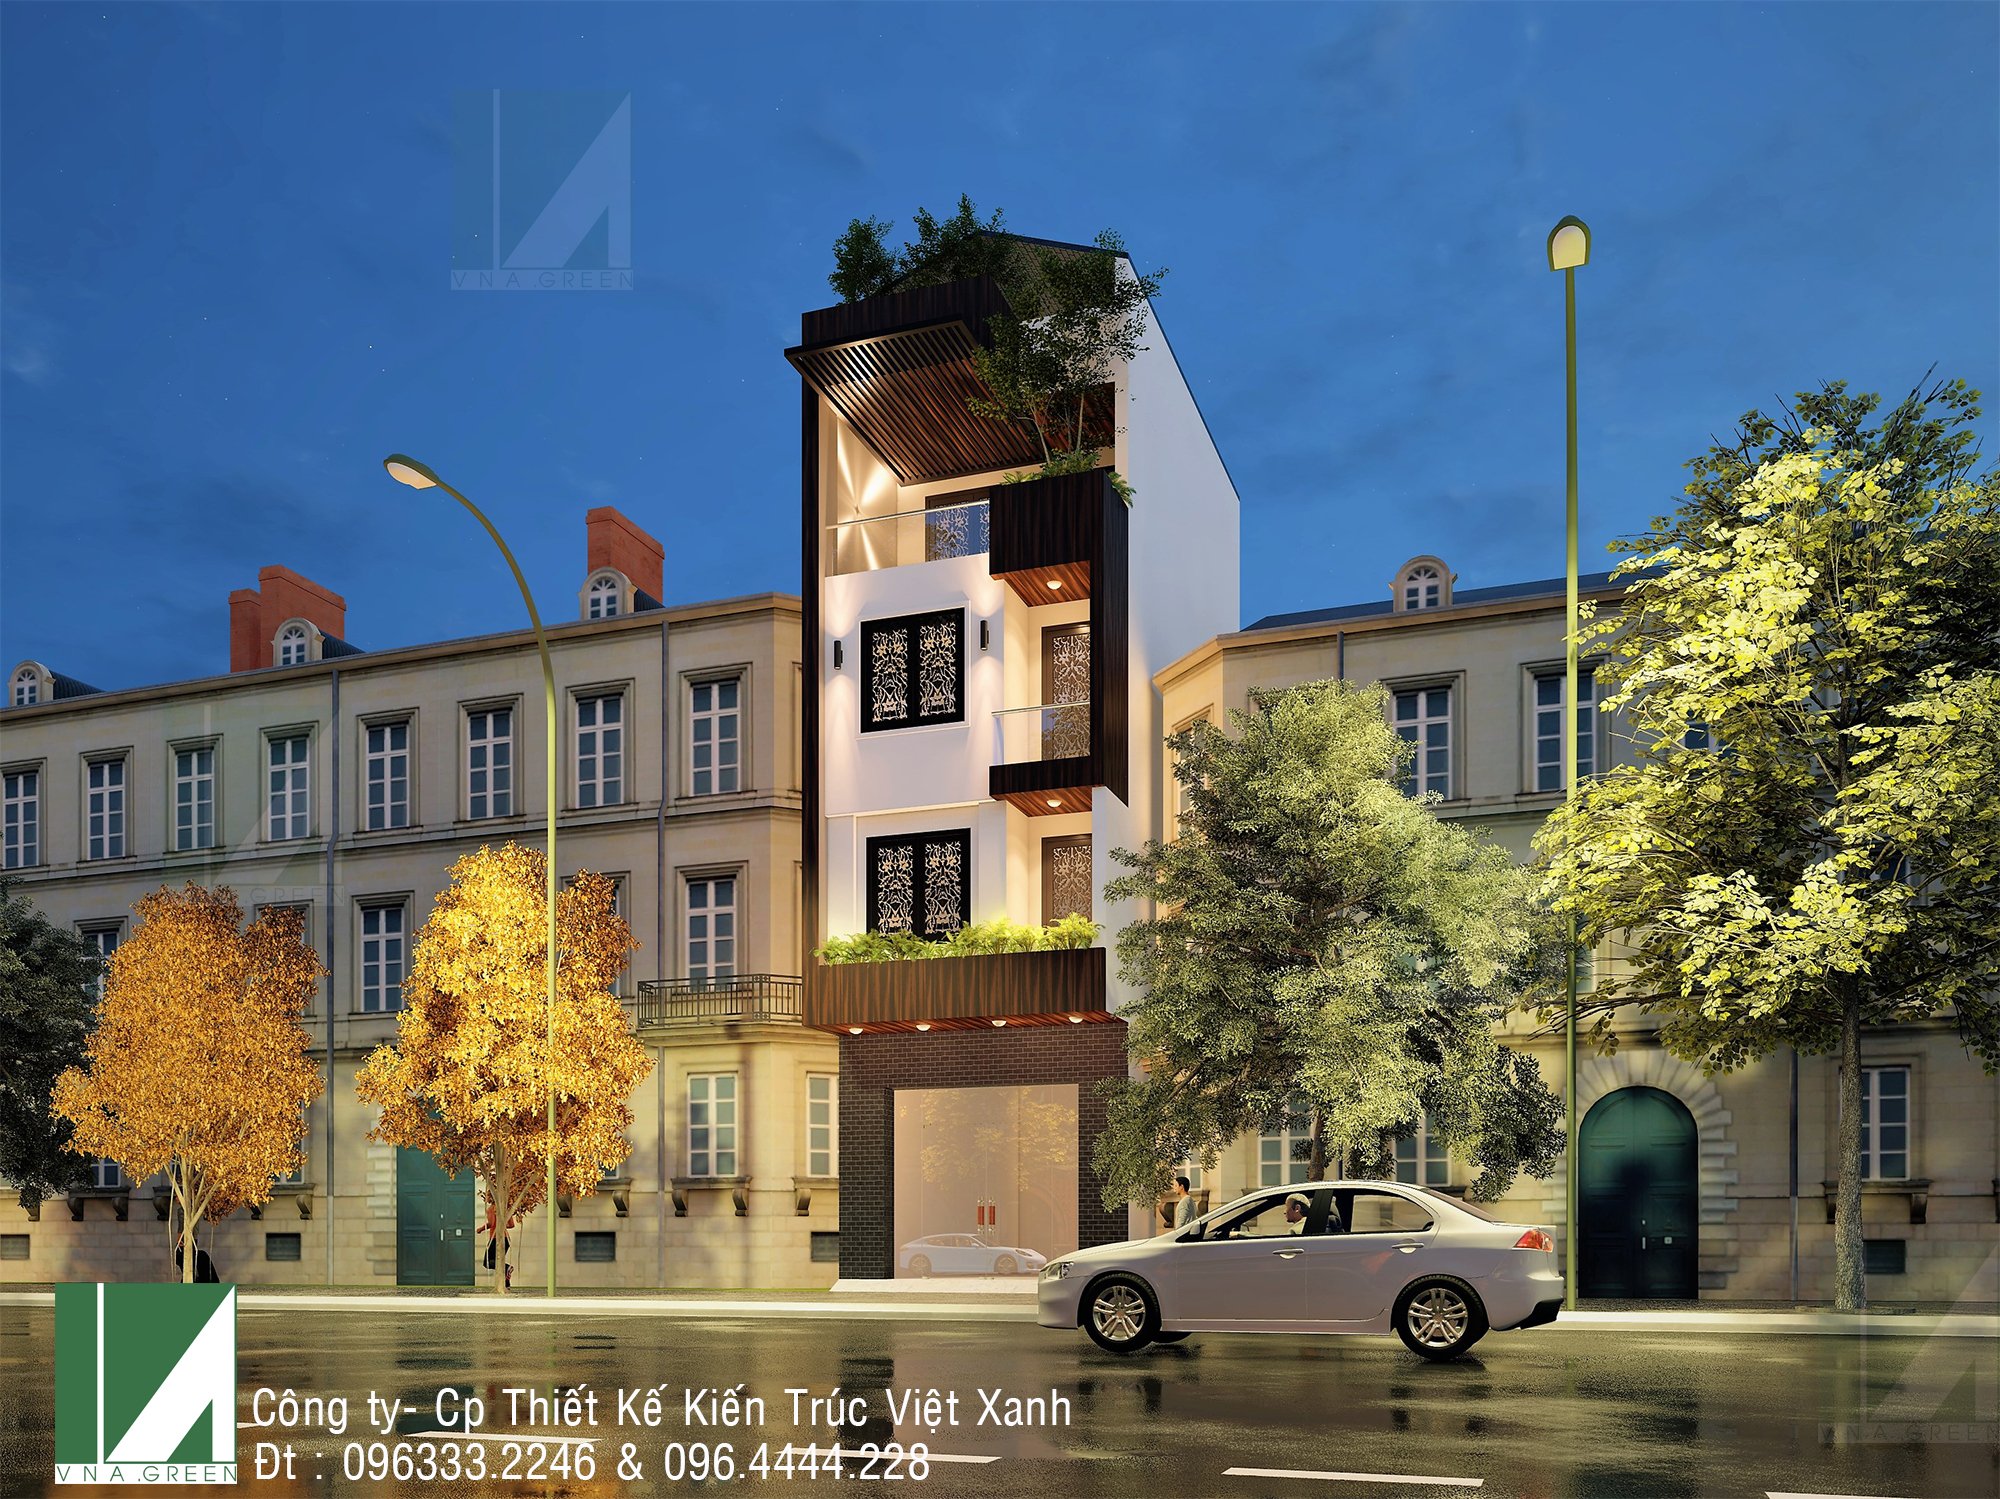 mẫu thiết kế nhà phố 4 tầng mặt tiền 5m